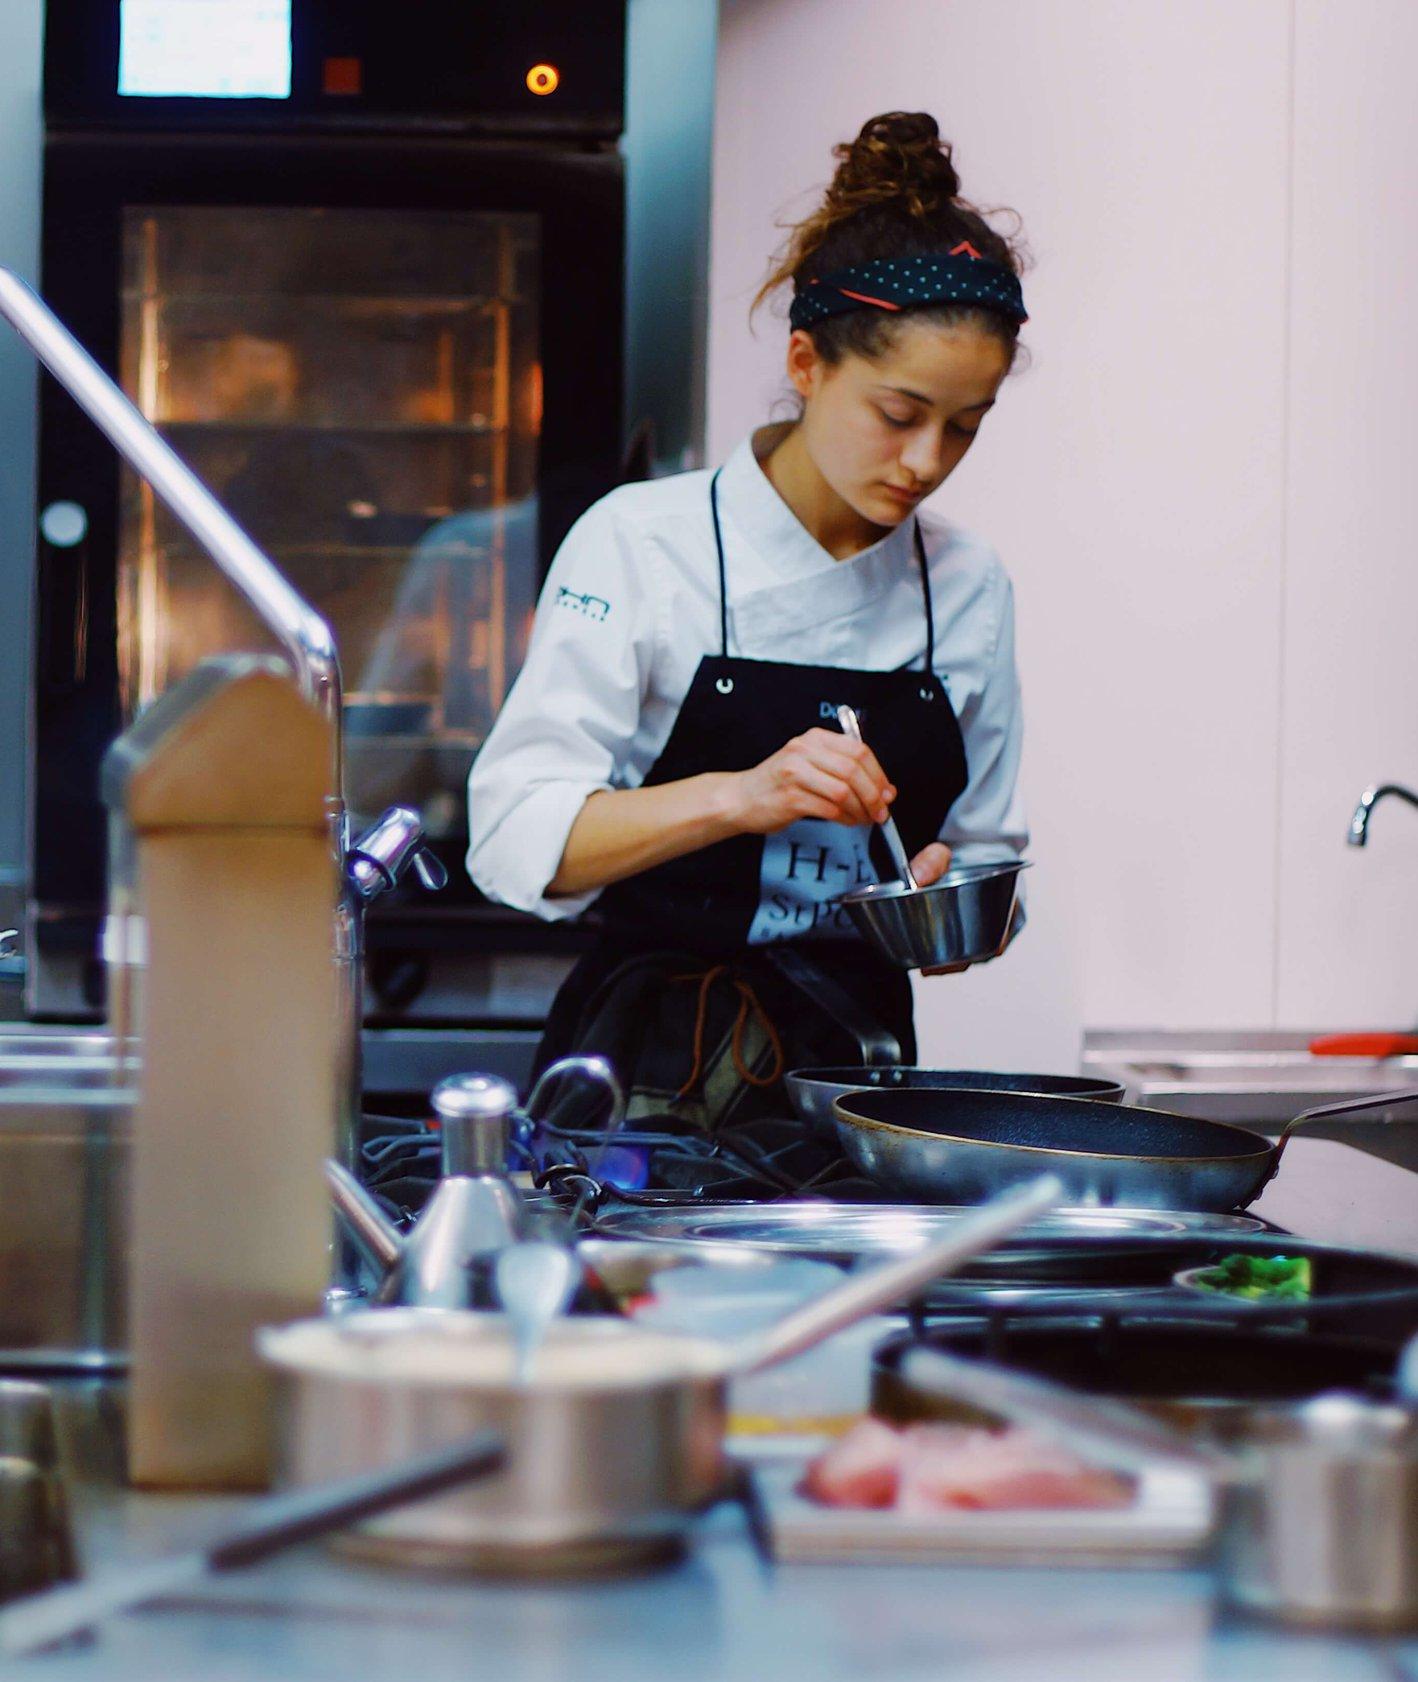 Dziewczyna pracująca w przemysłowej kuchni (fot. Jesus Terres)